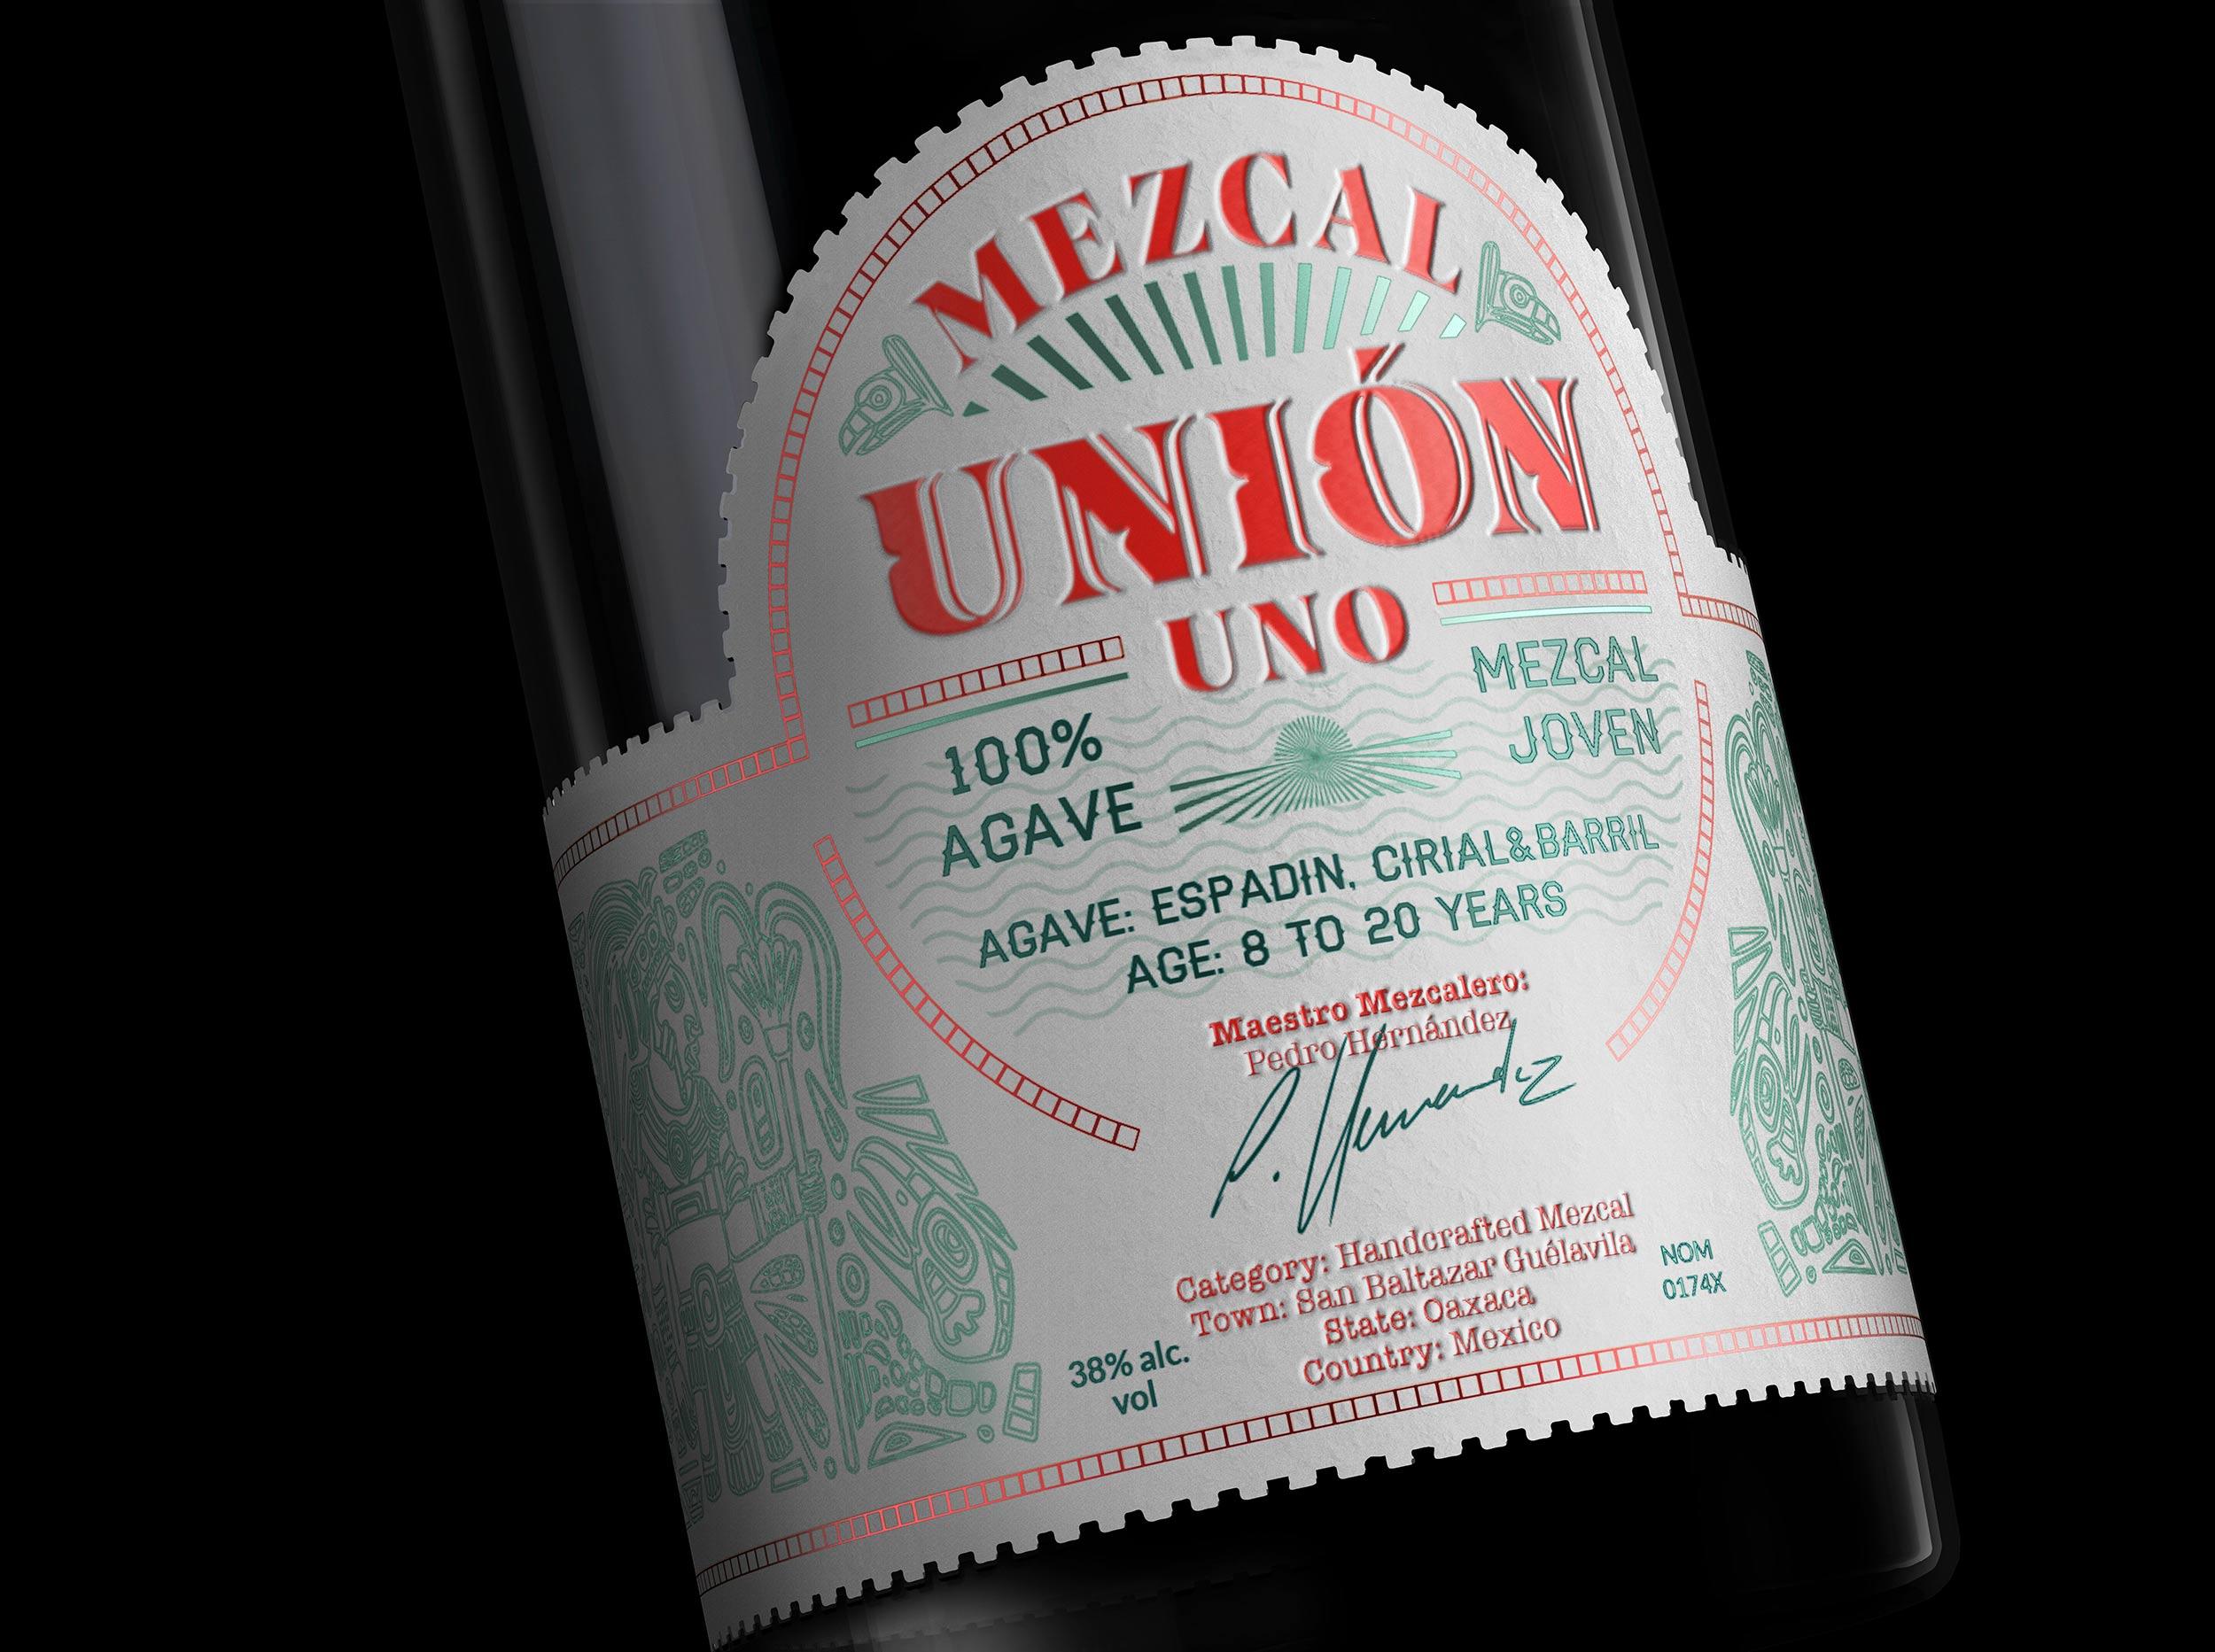 Studio Boam Creates a Concept Bottle for Mezcal Unión